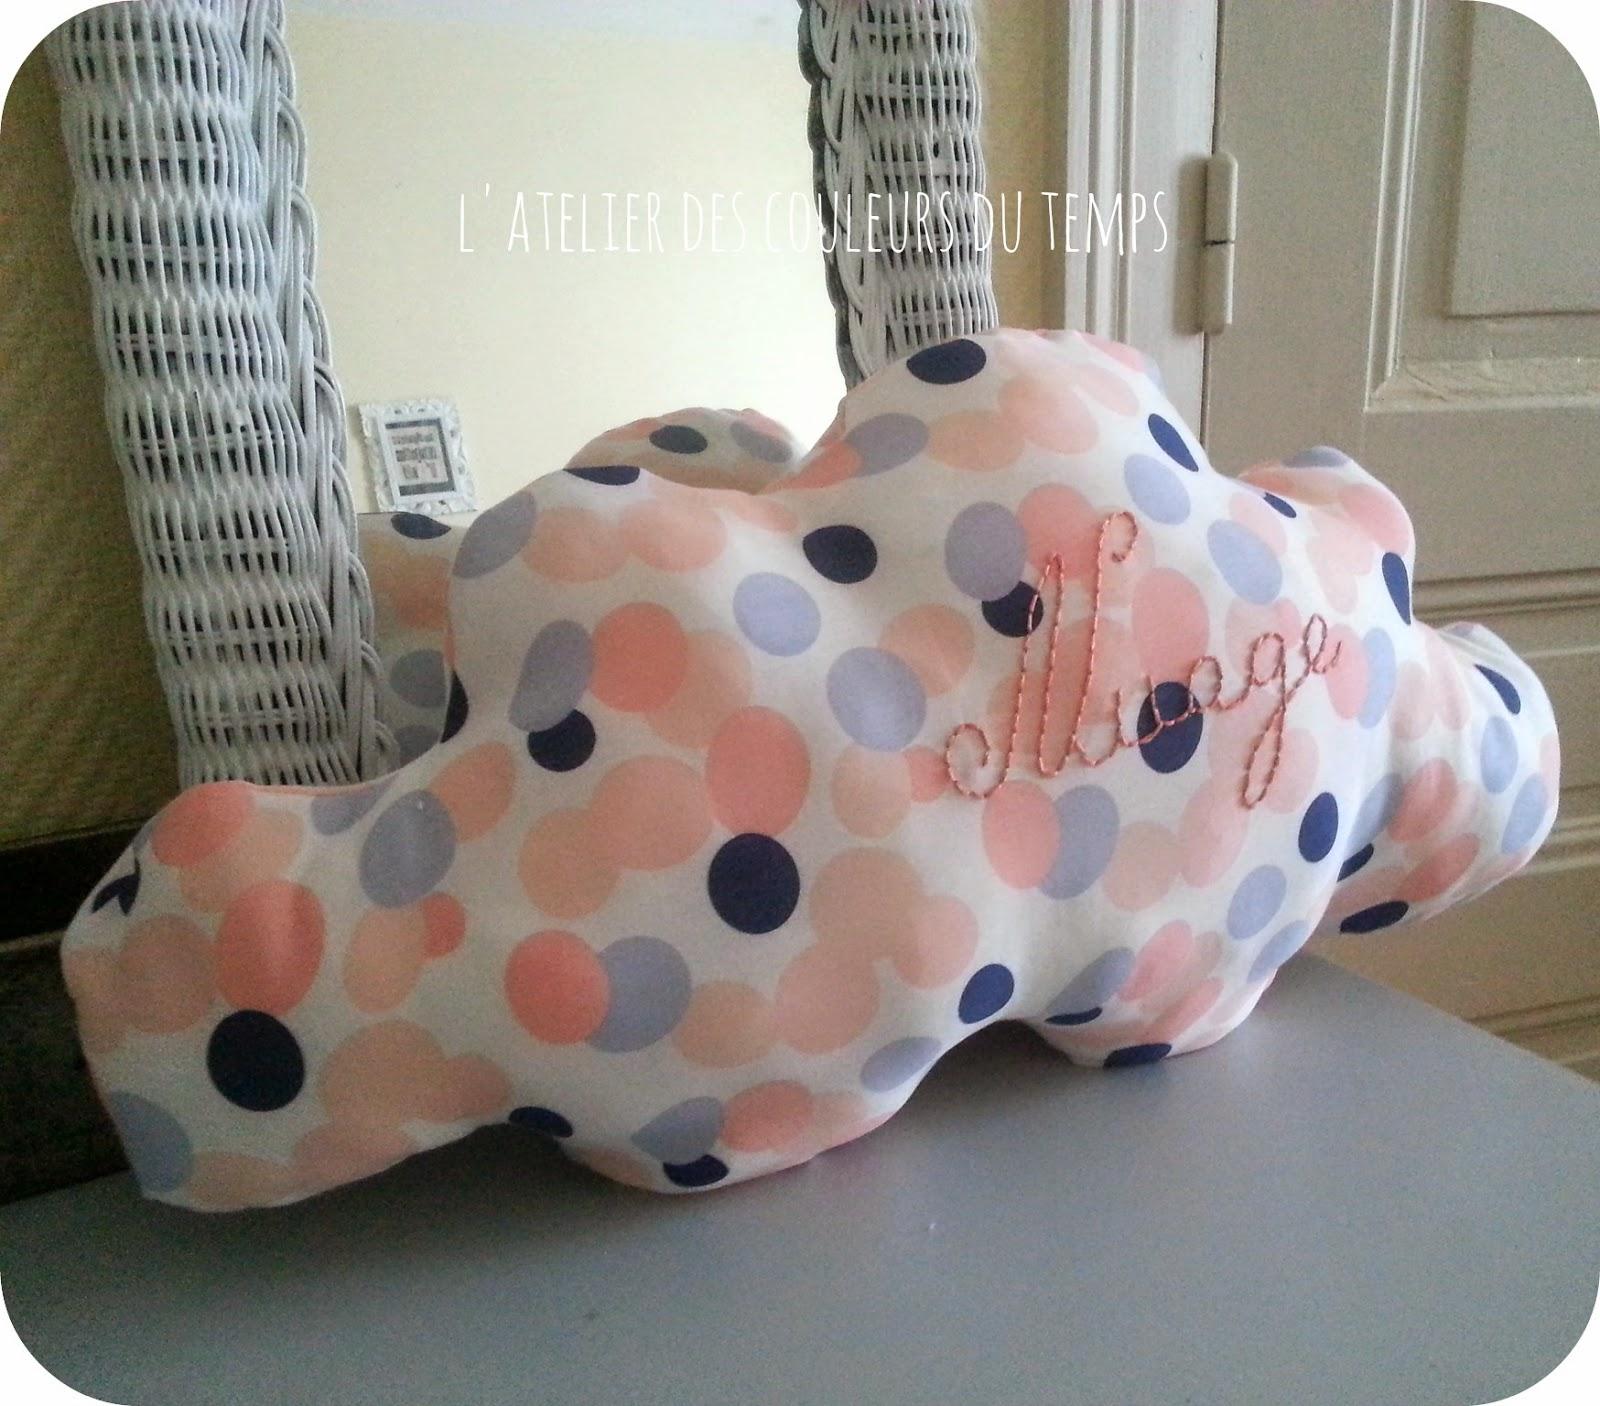 L 39 atelier des couleurs du temps coussin forme nuage en coton blanc pois rose saumon et bleu - Coussin en forme de nuage ...